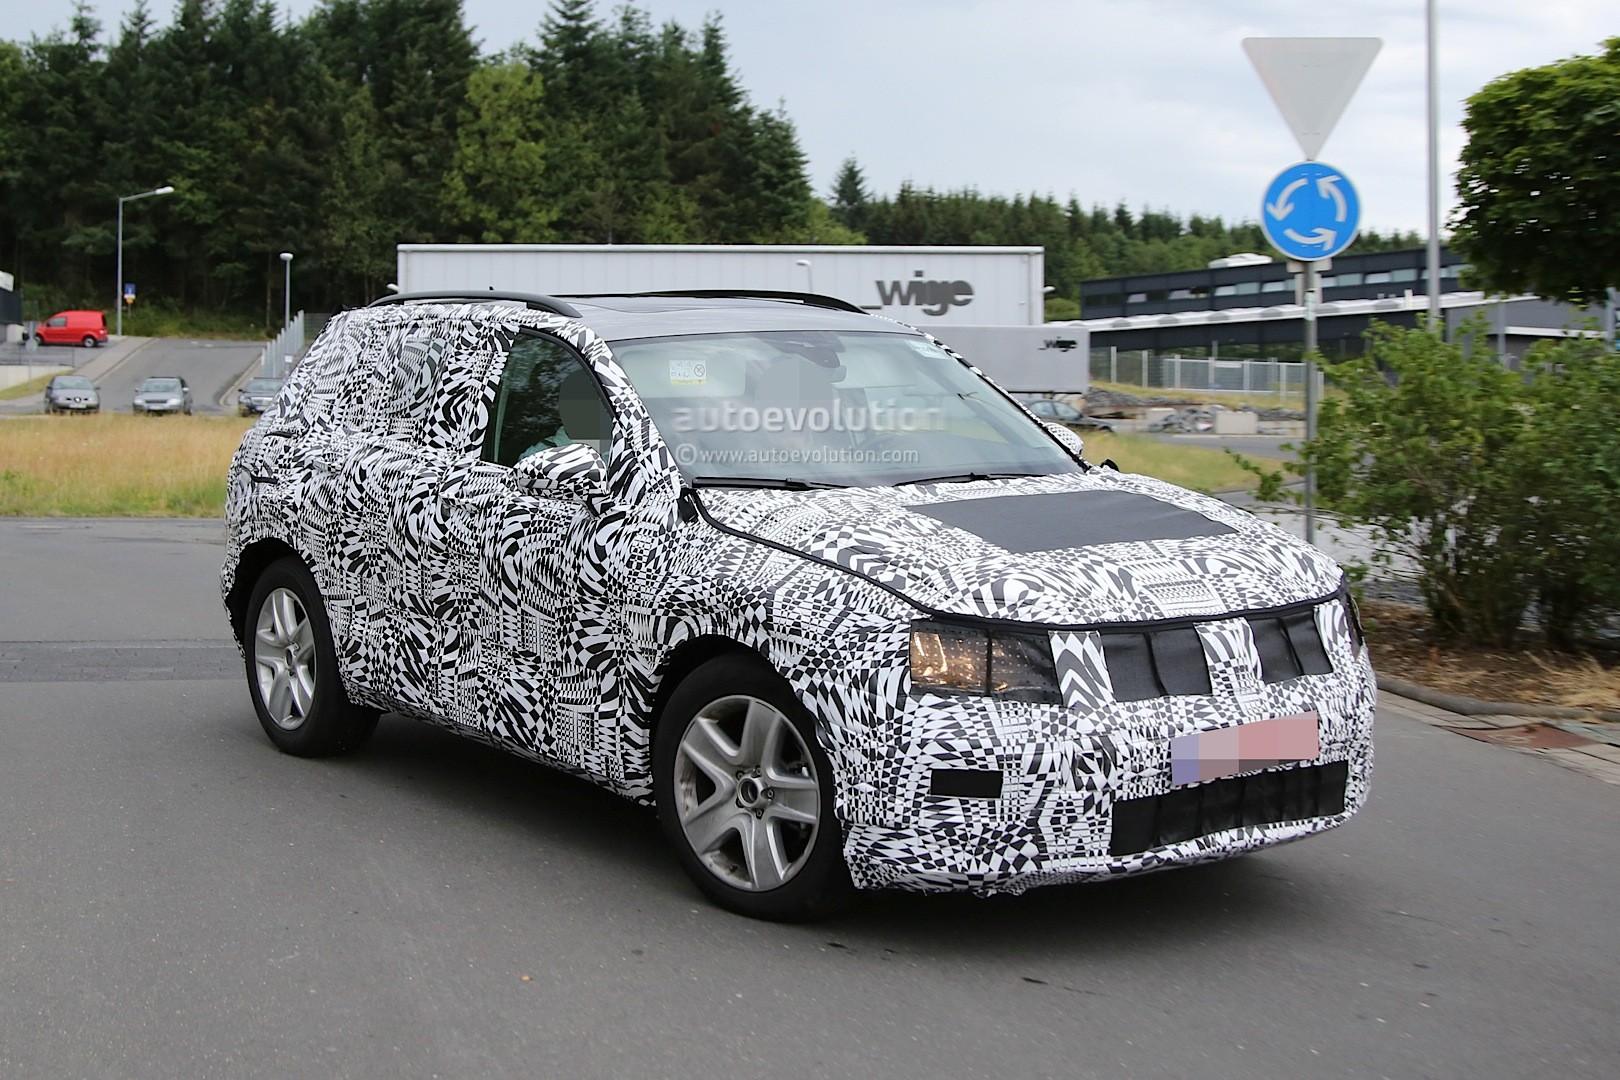 Spyshots 2016 Volkswagen Tiguan Shows New Details